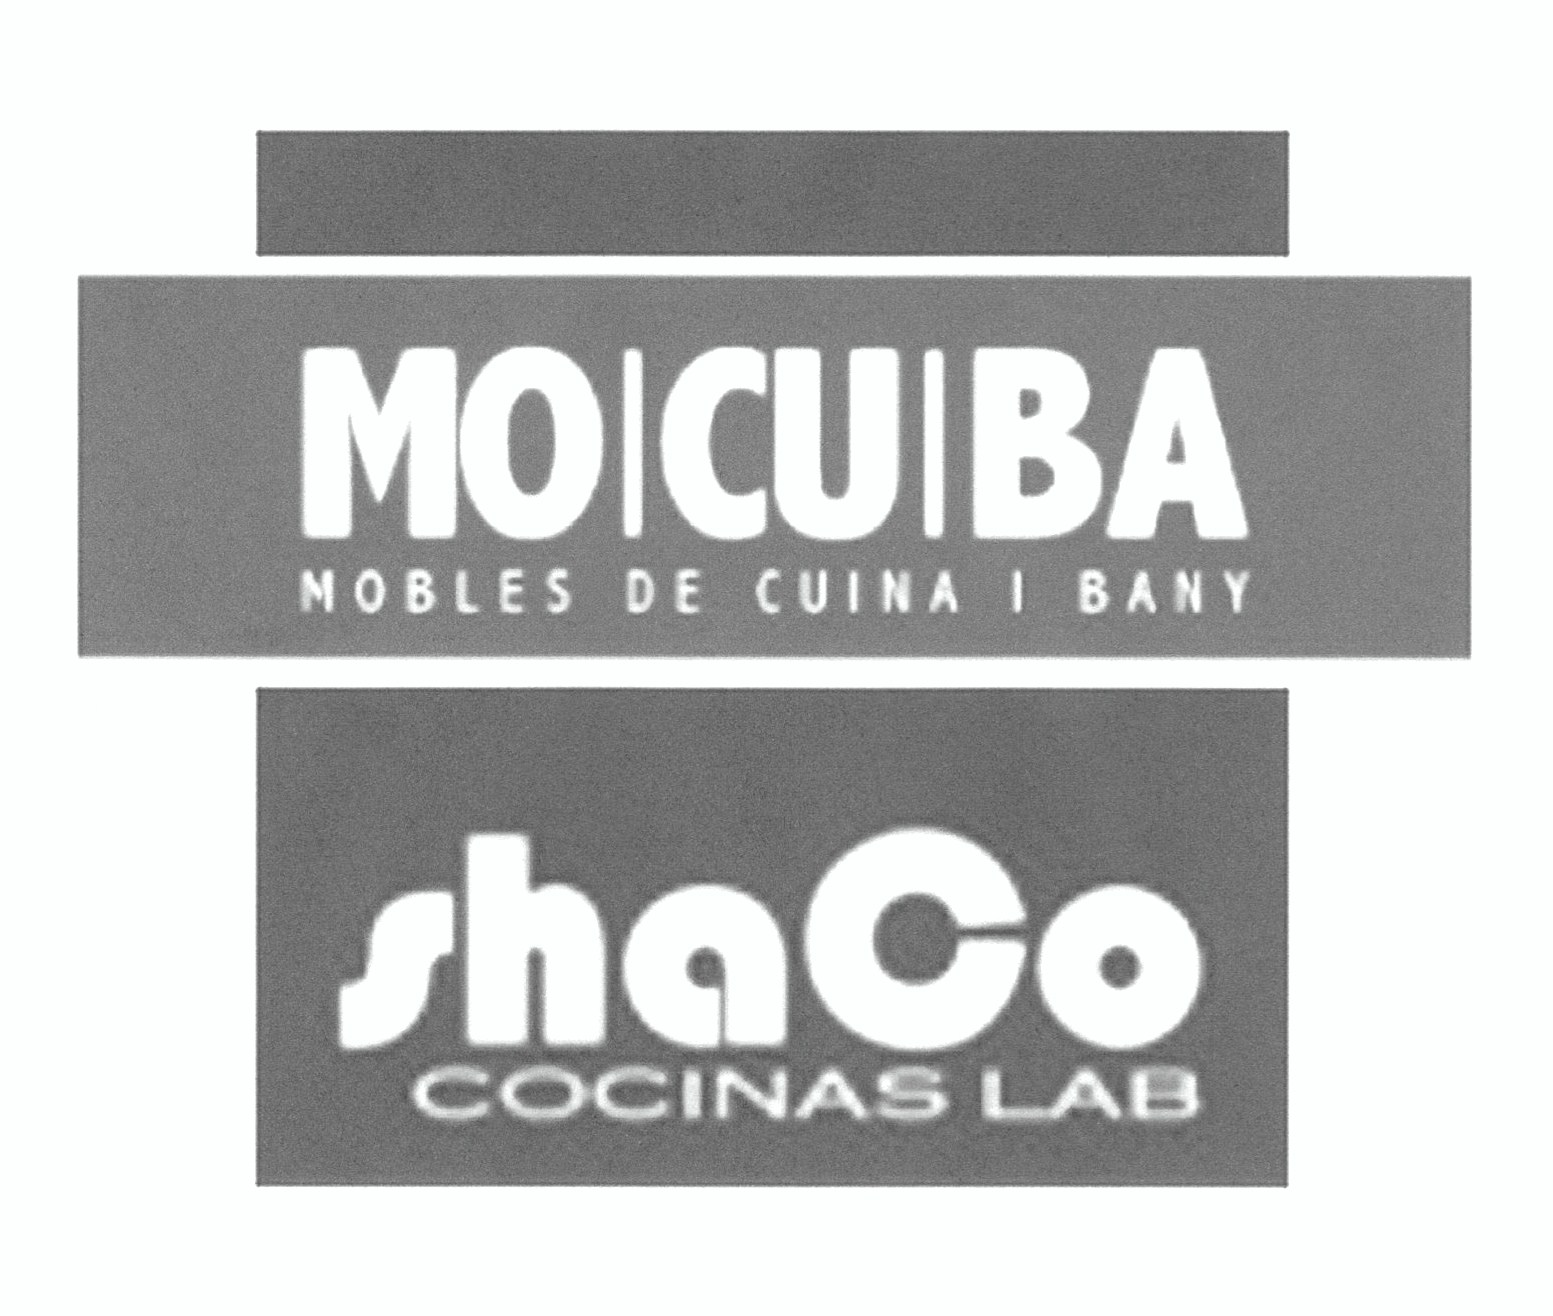 Shaco Mocuba